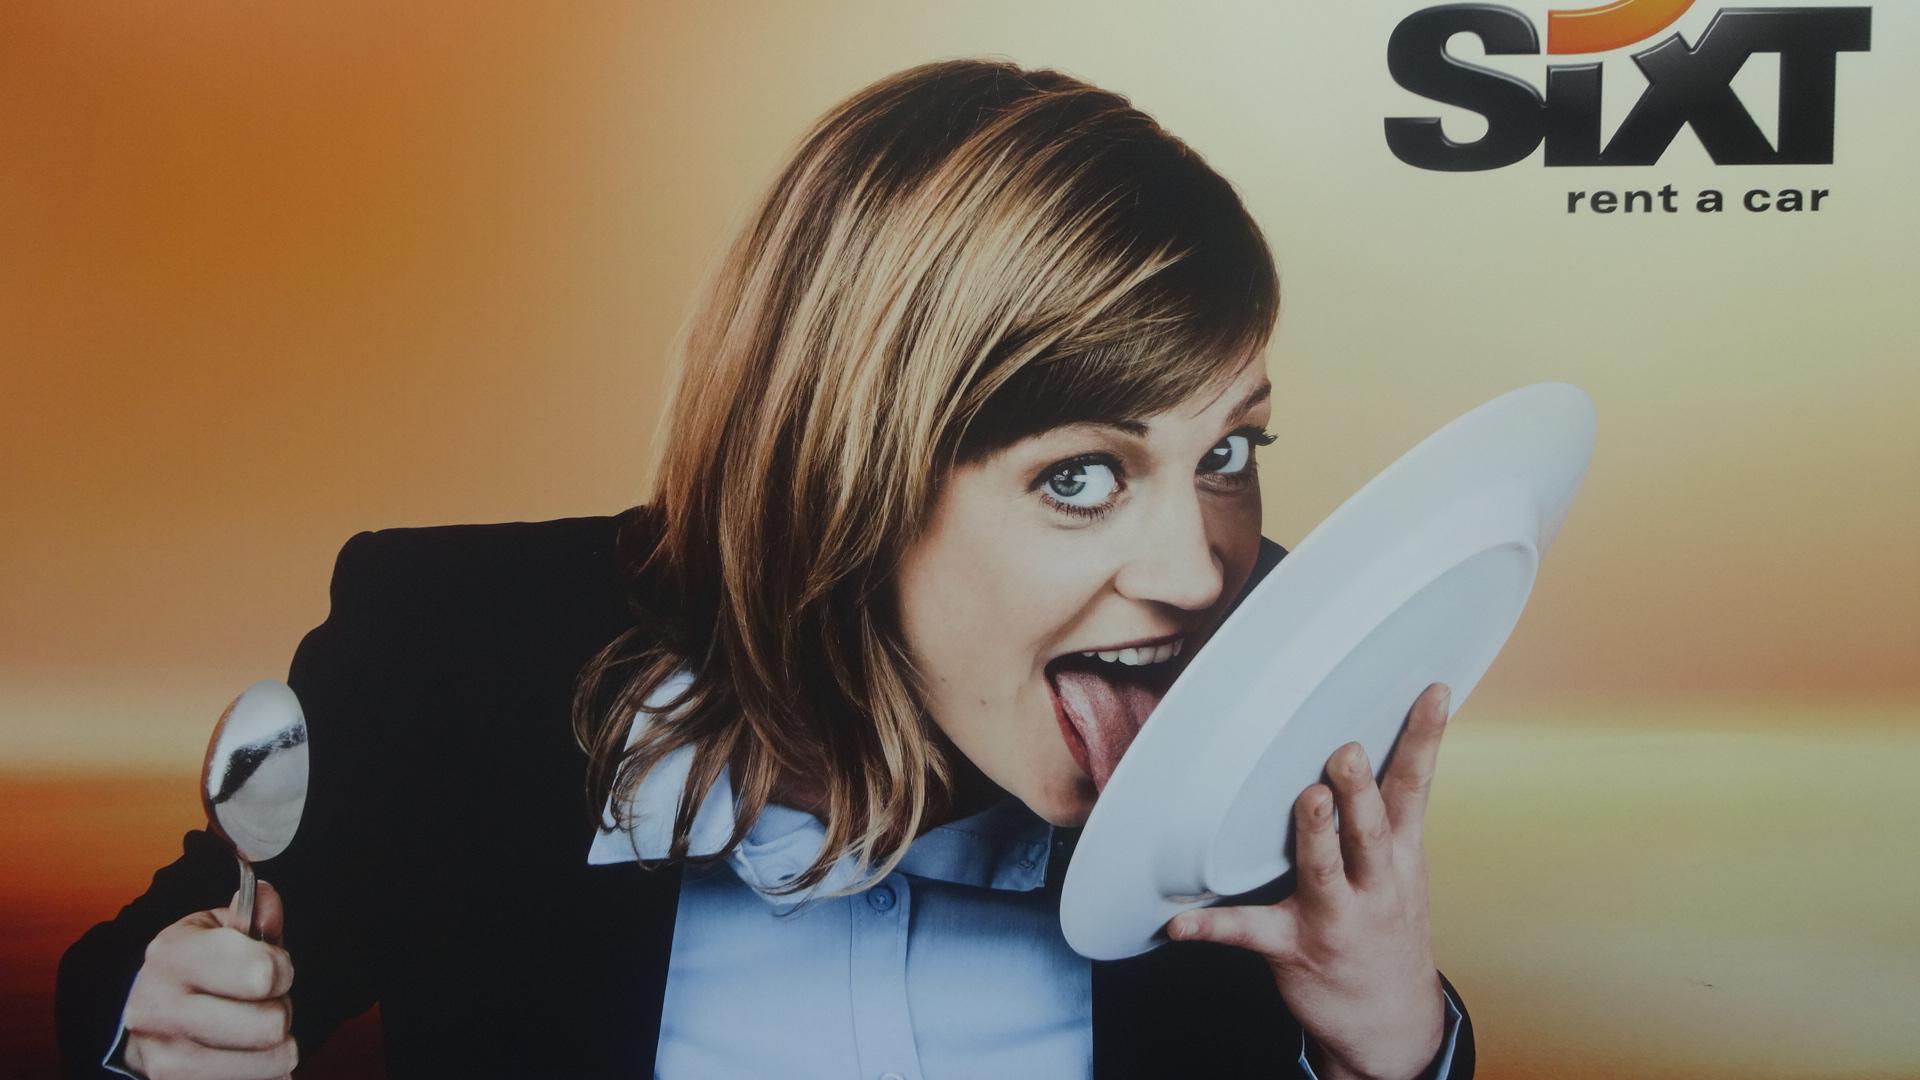 皿を舐める女性のポスター